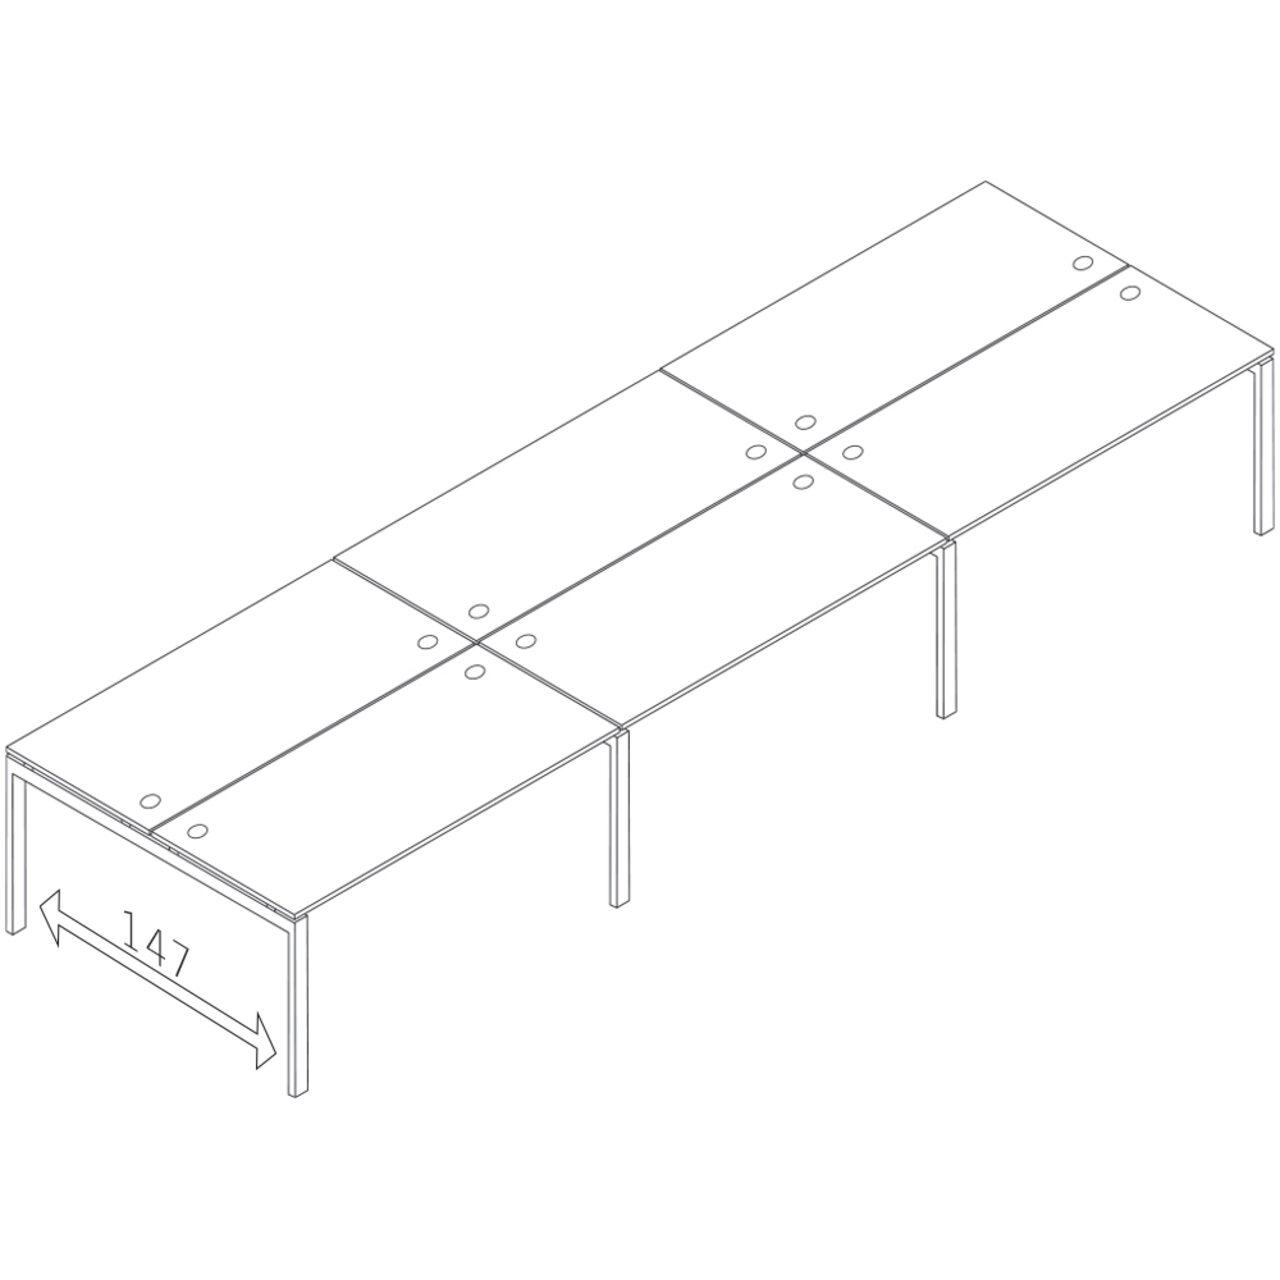 Бенч-система на 6 мест  TREND 420x148x75 - фото 1